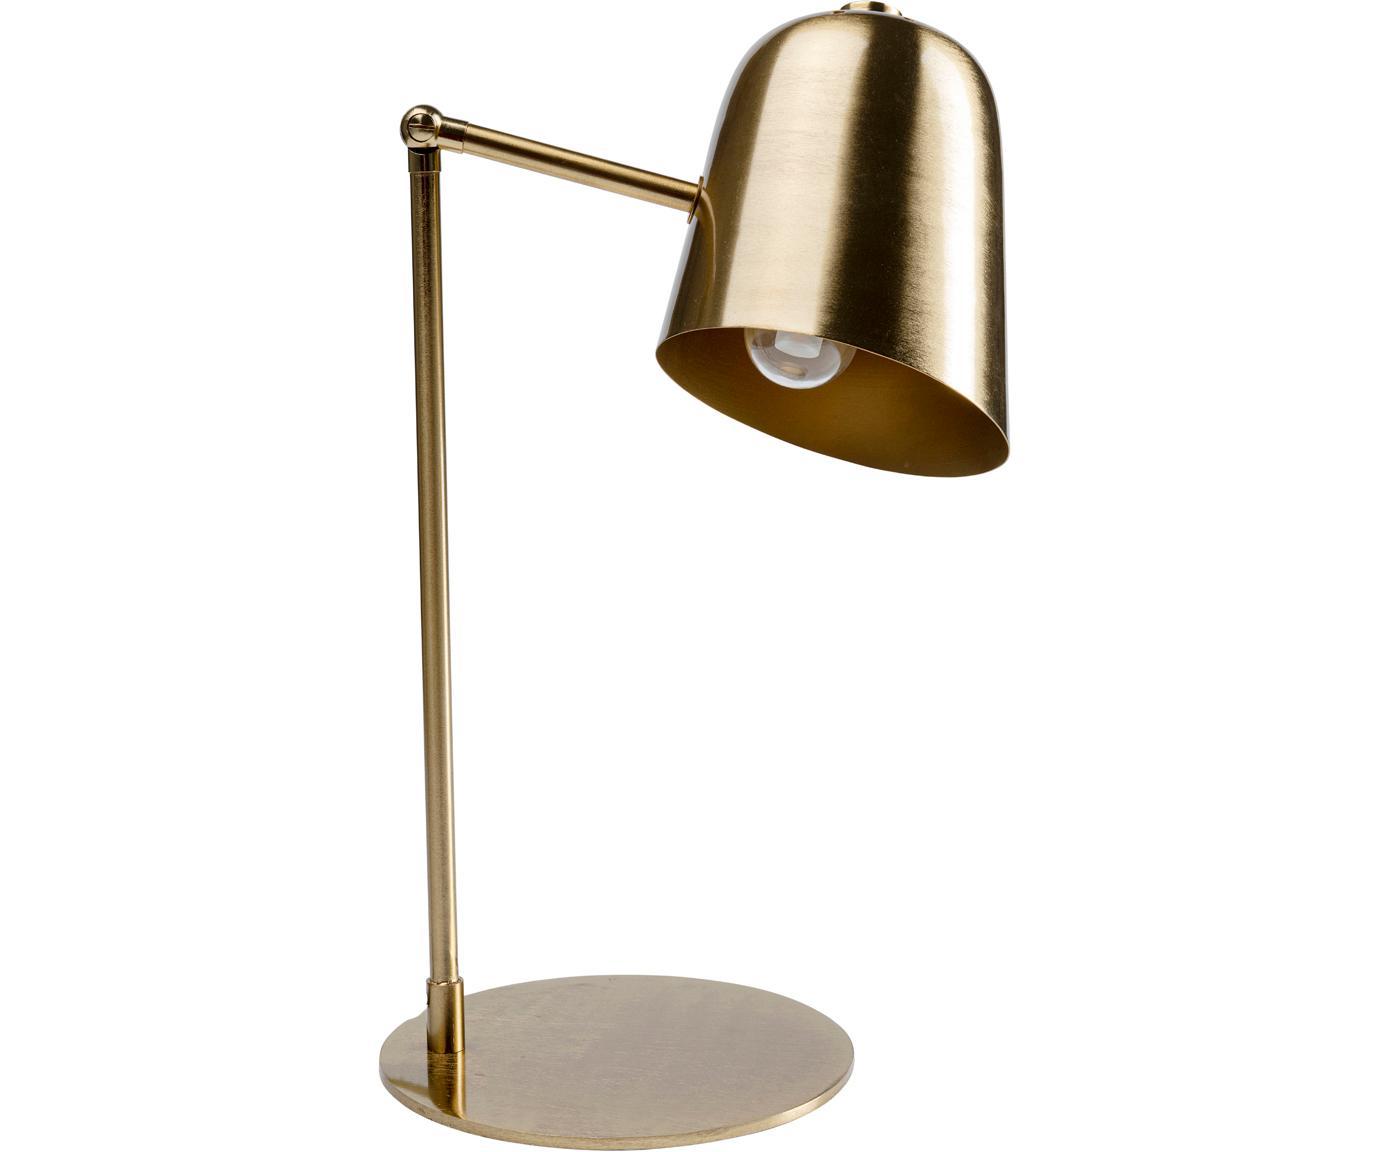 Lampa biurkowa retro Clive, Odcienie mosiądzu, S 27 x W 56 cm